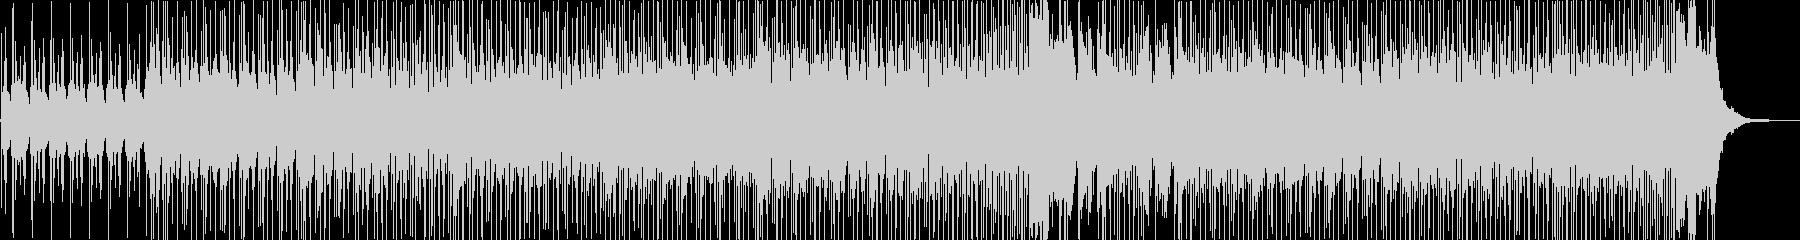 活気ありコミカルなポップハウス曲の未再生の波形